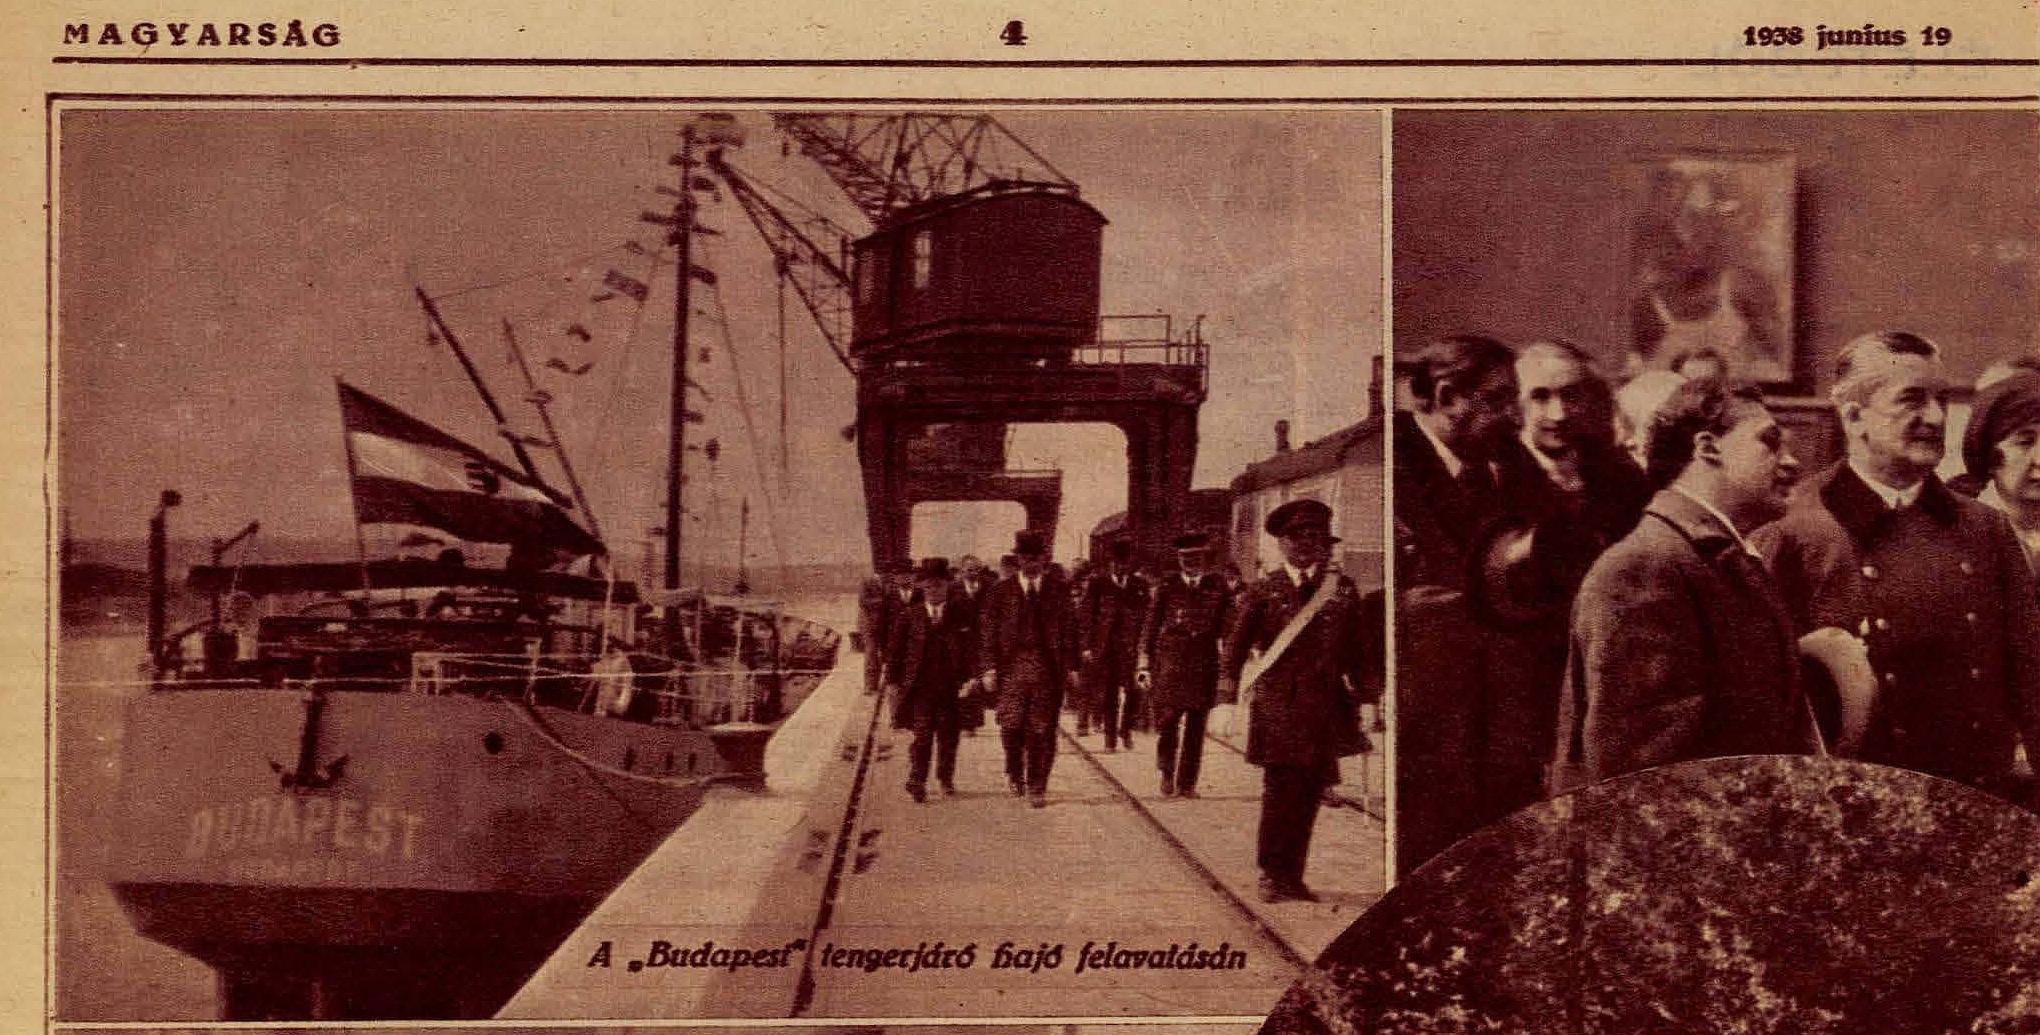 magyarsagkepesmelleklete_1938-1574301884_pages463-463.jpg